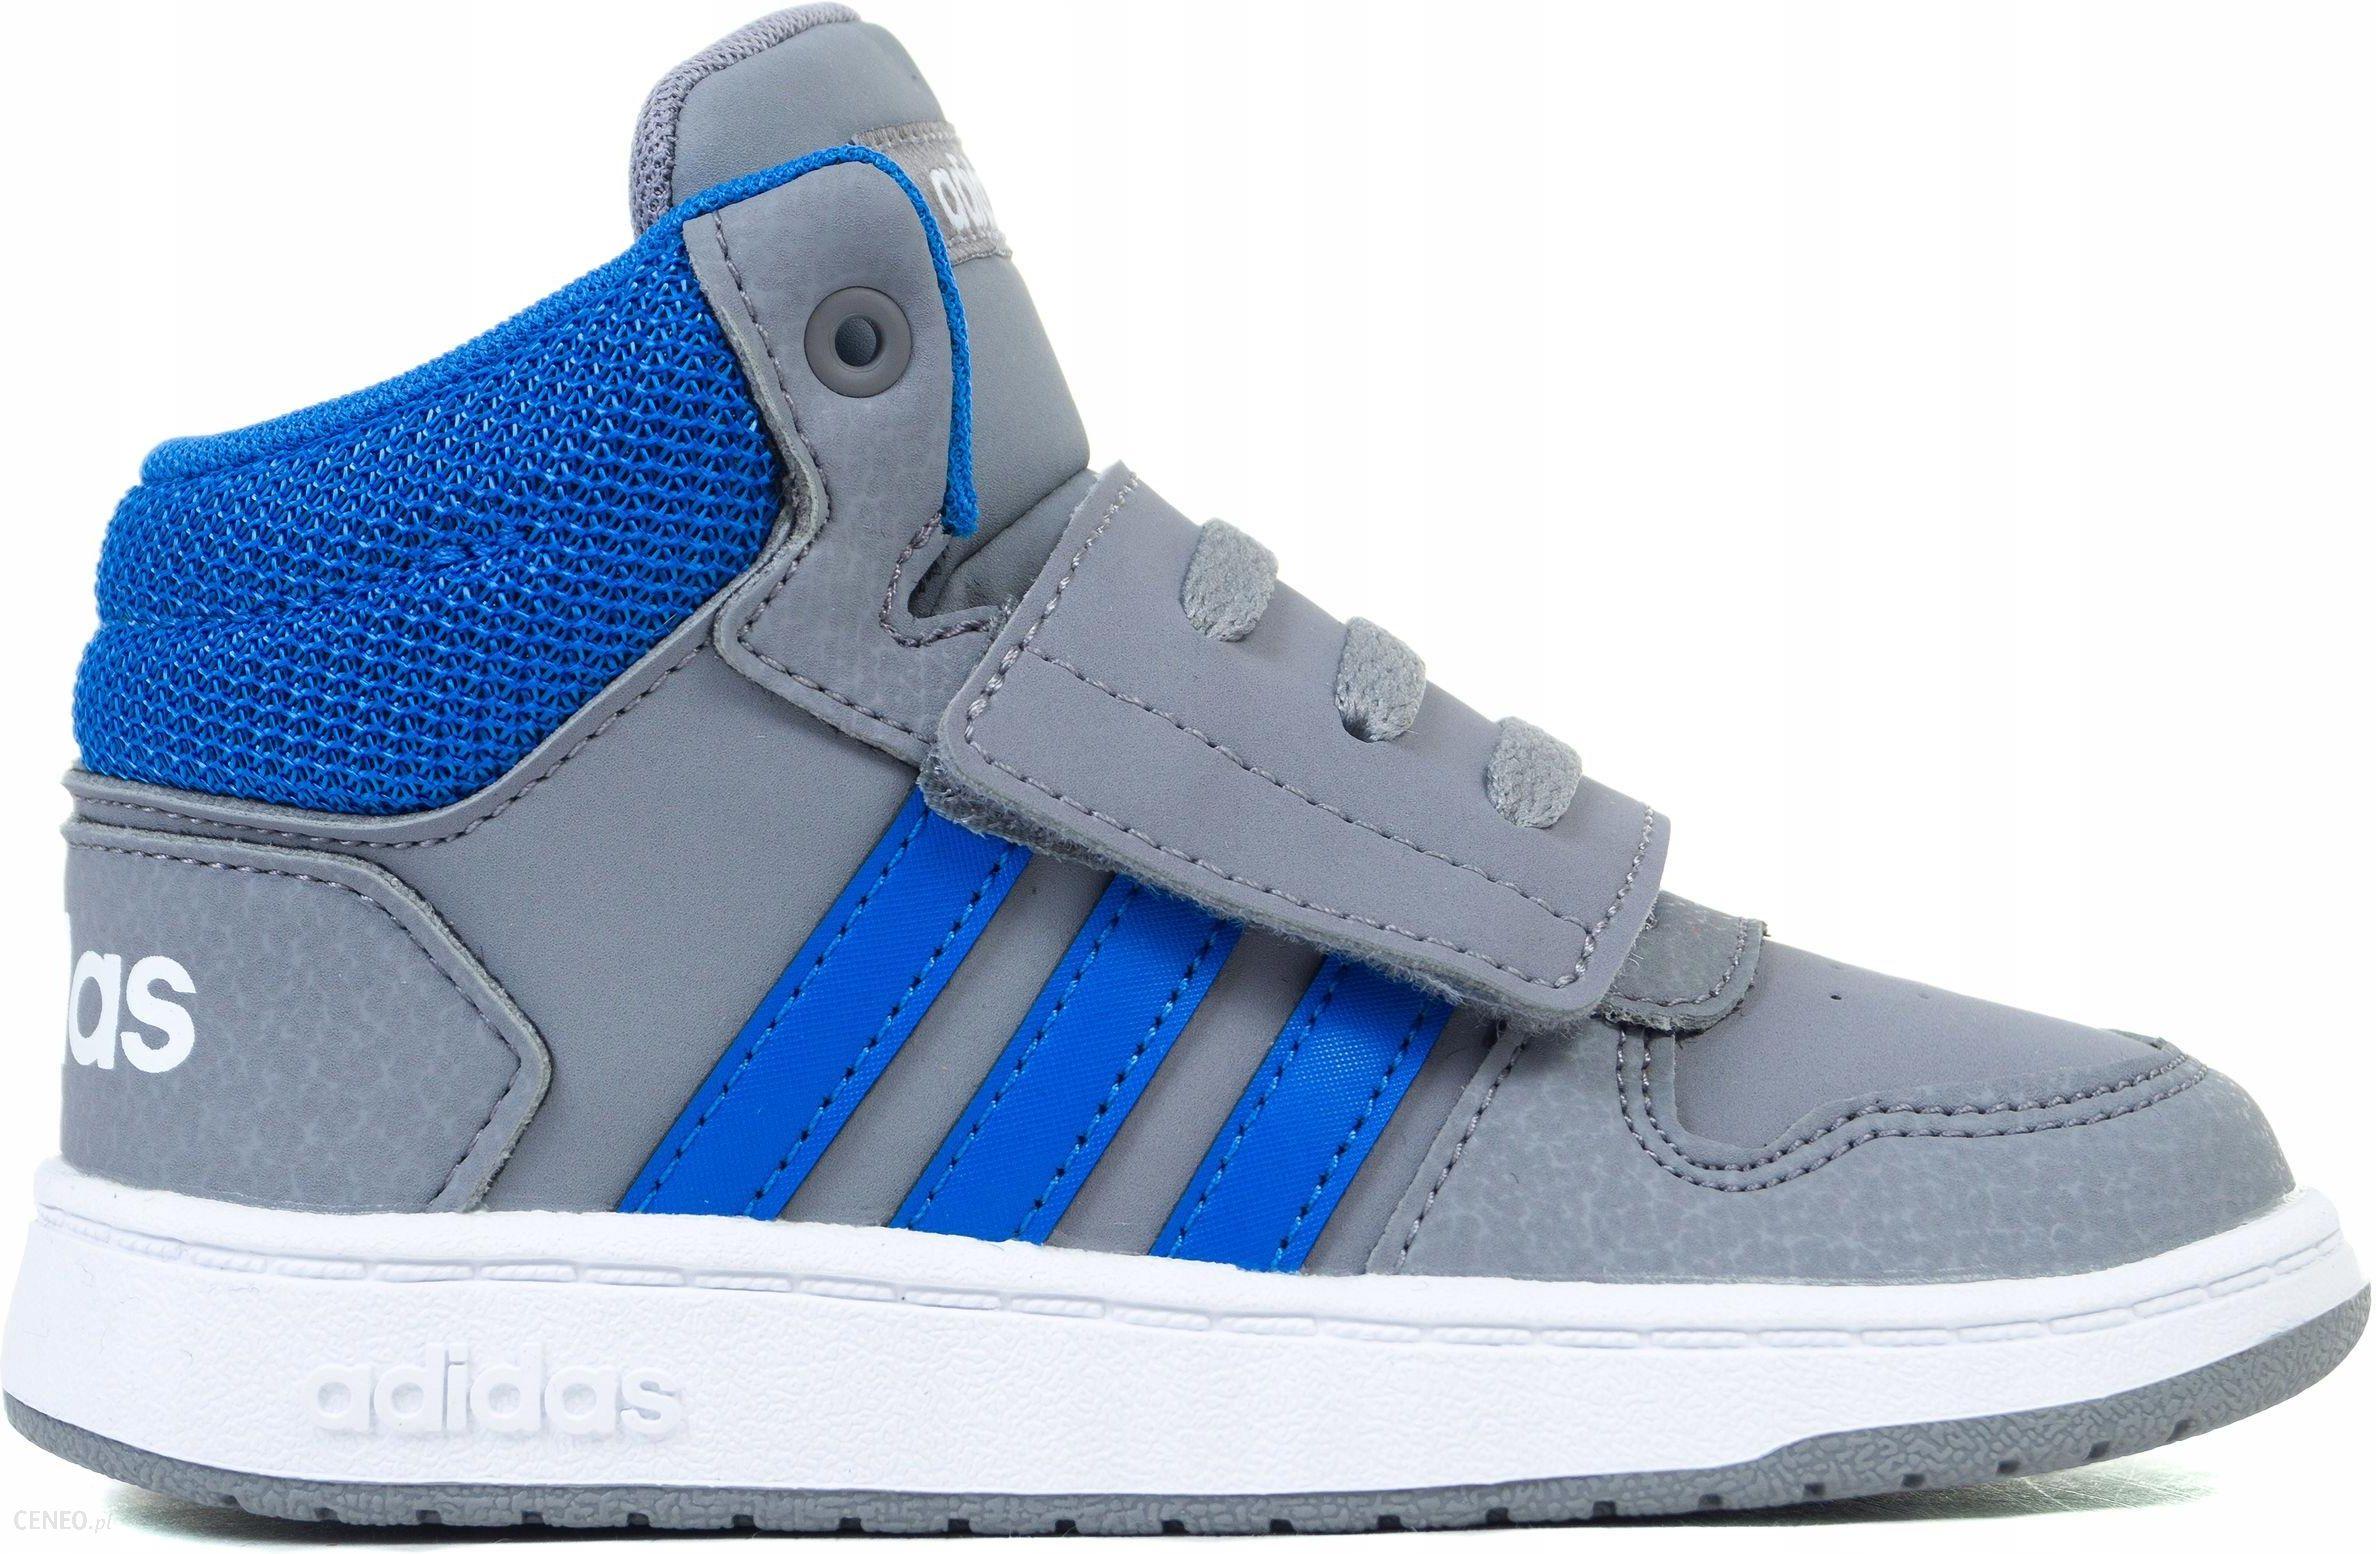 Buty Adidas Hoops 2.0 I F35833 Szare R. 24 Ceny i opinie Ceneo.pl